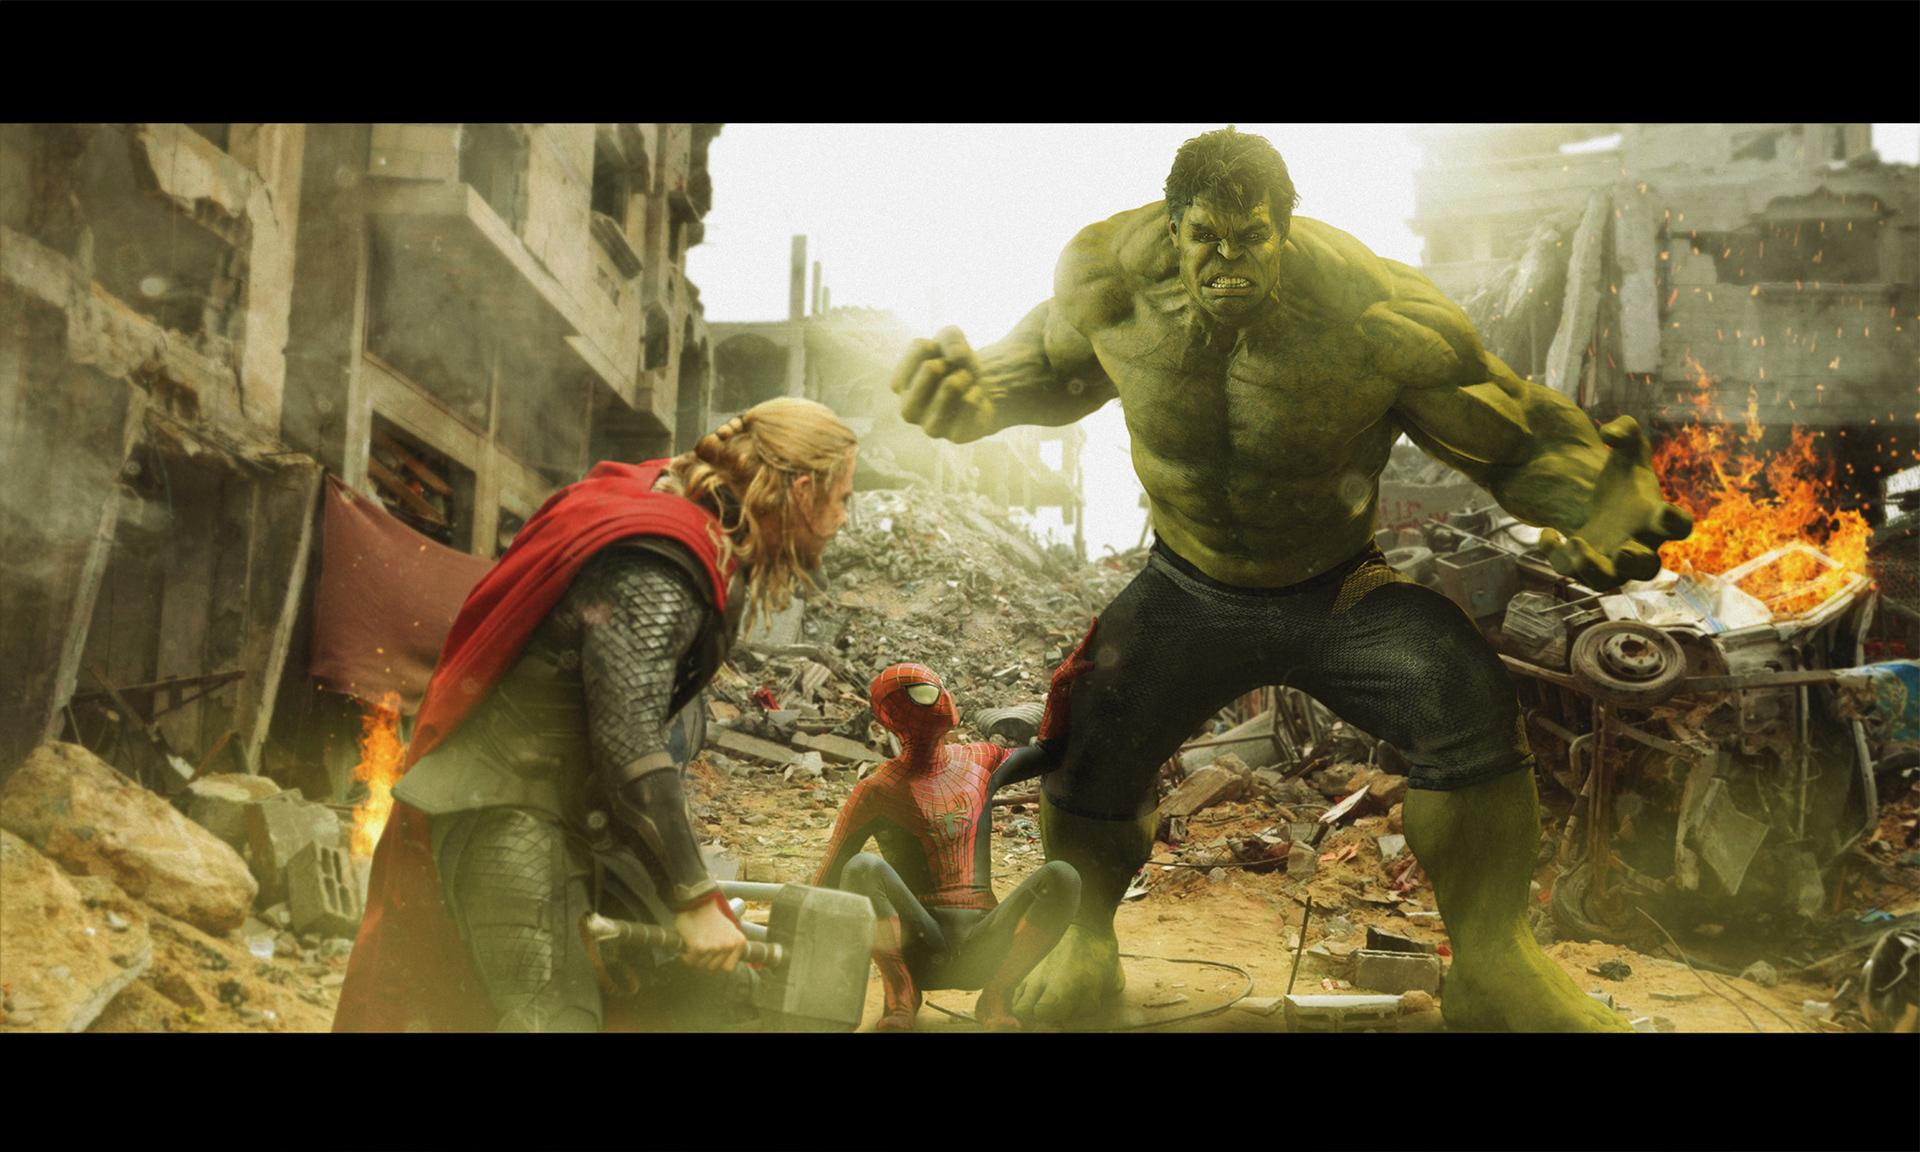 Dimitri Morson - Hulk vs Thor